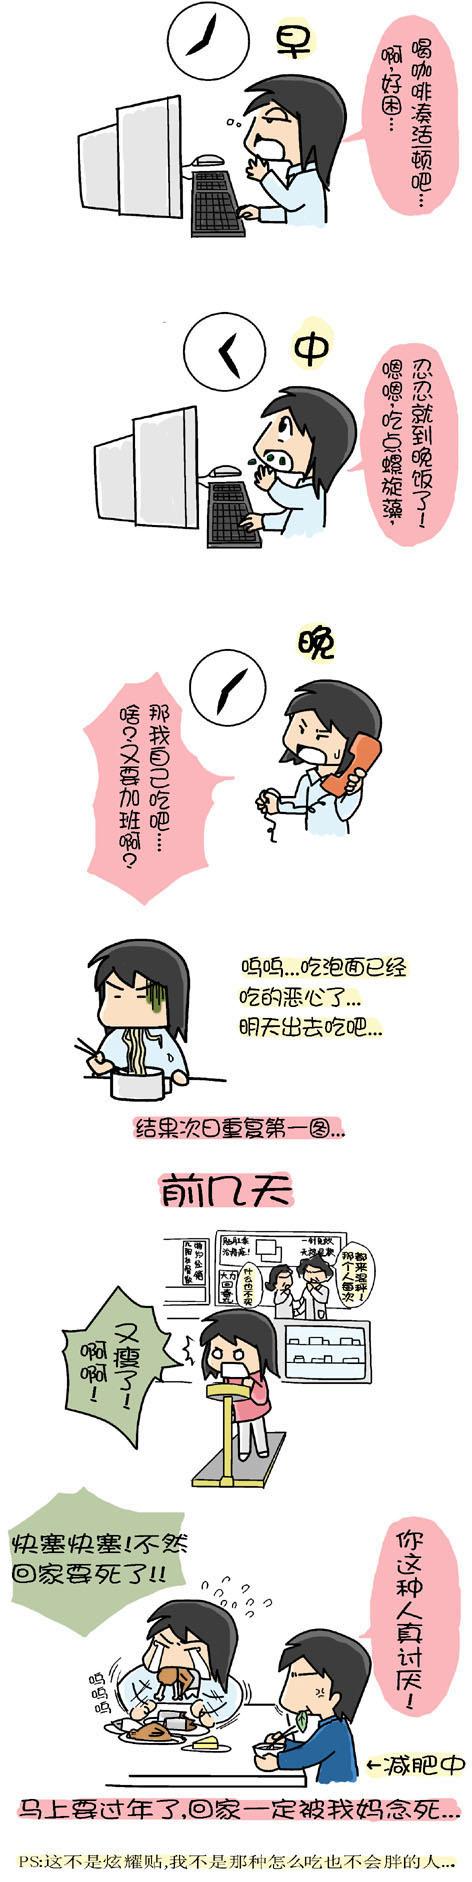 年关 - 小步 - 小步漫画日记